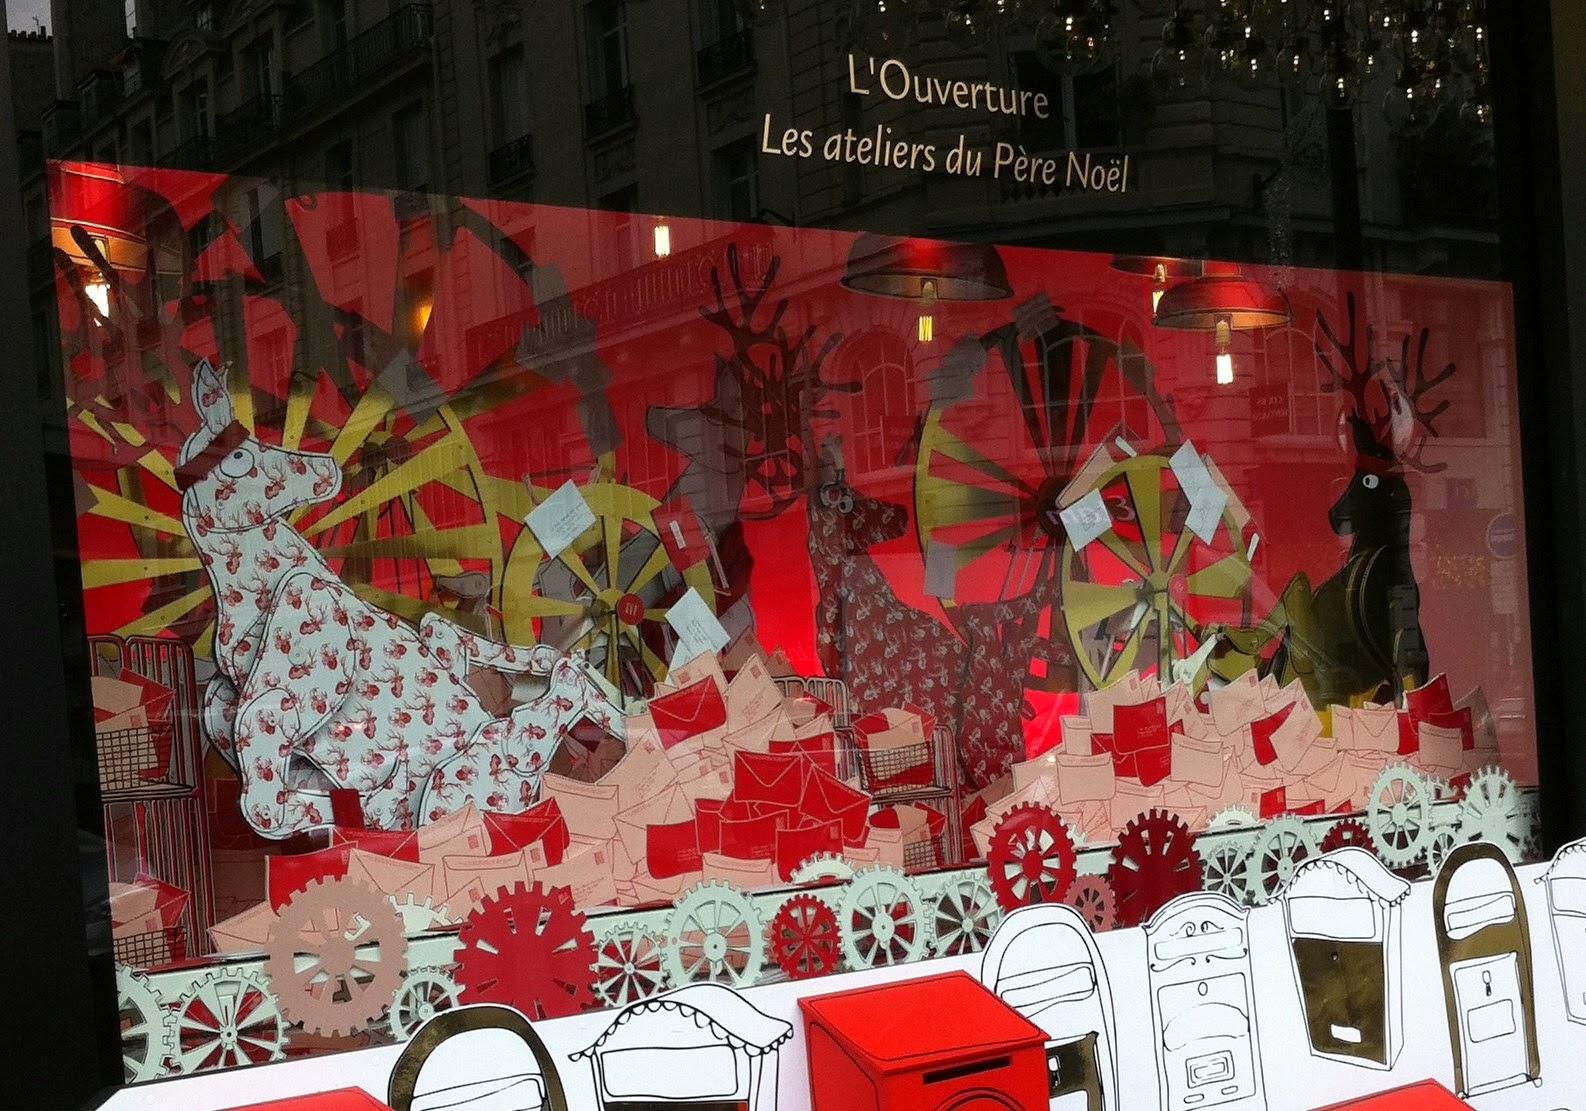 #B3181B Entre Nous Soie Dit : Vitrines De Noël Le Bon Marché  5347 décorations de noel bon marché 1586x1111 px @ aertt.com